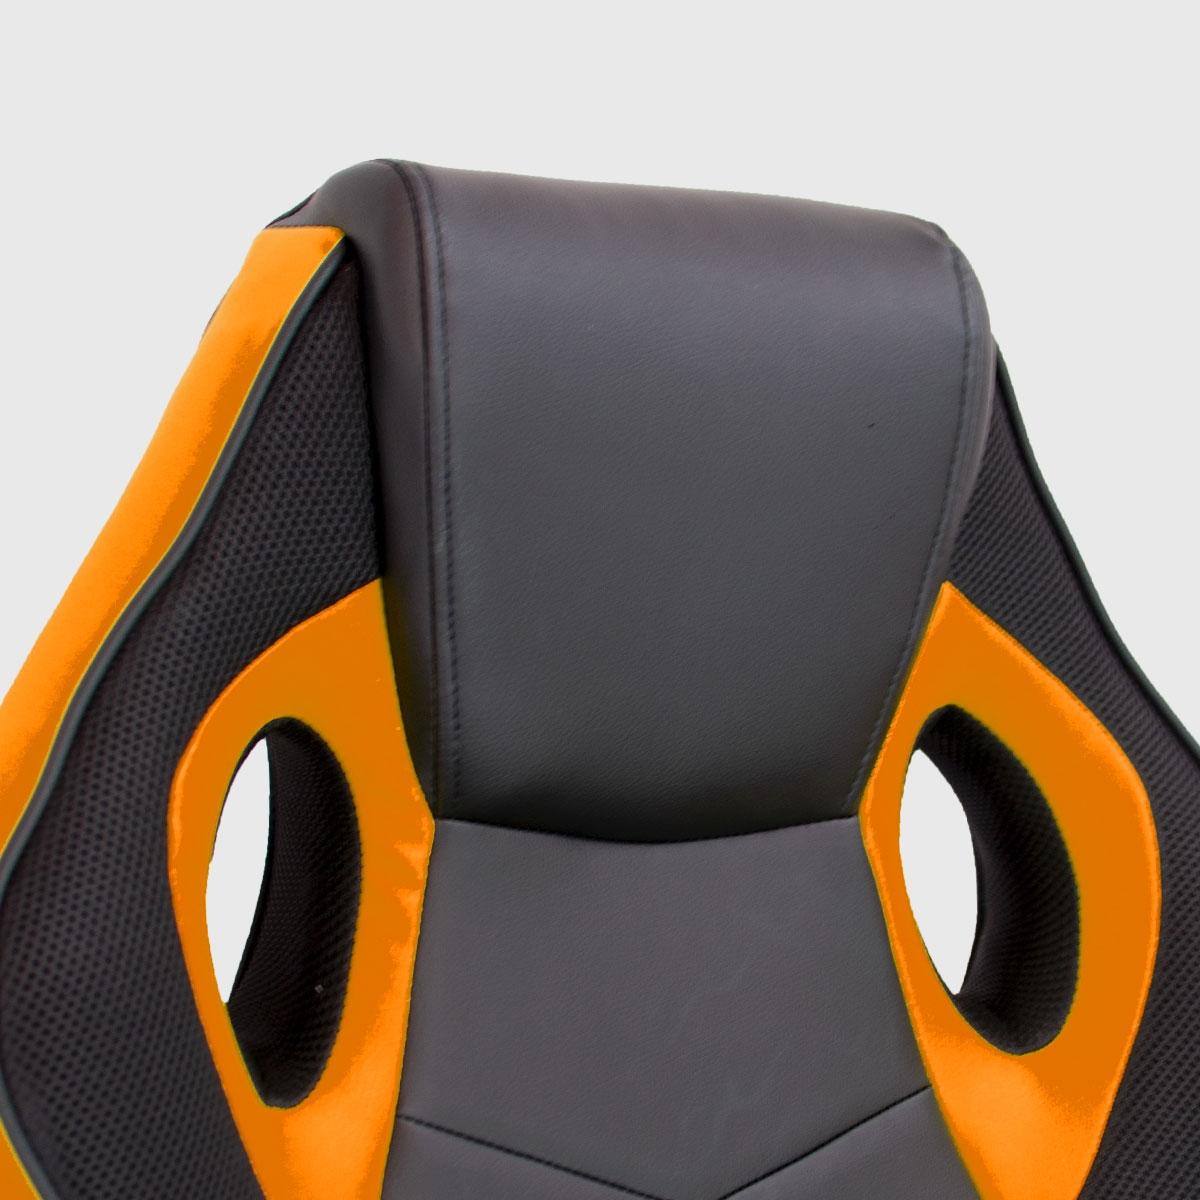 miniatura 9 - Sedia Poltrona da Gaming per Ufficio reclinabile Imbottita ergonomica GTX RTX